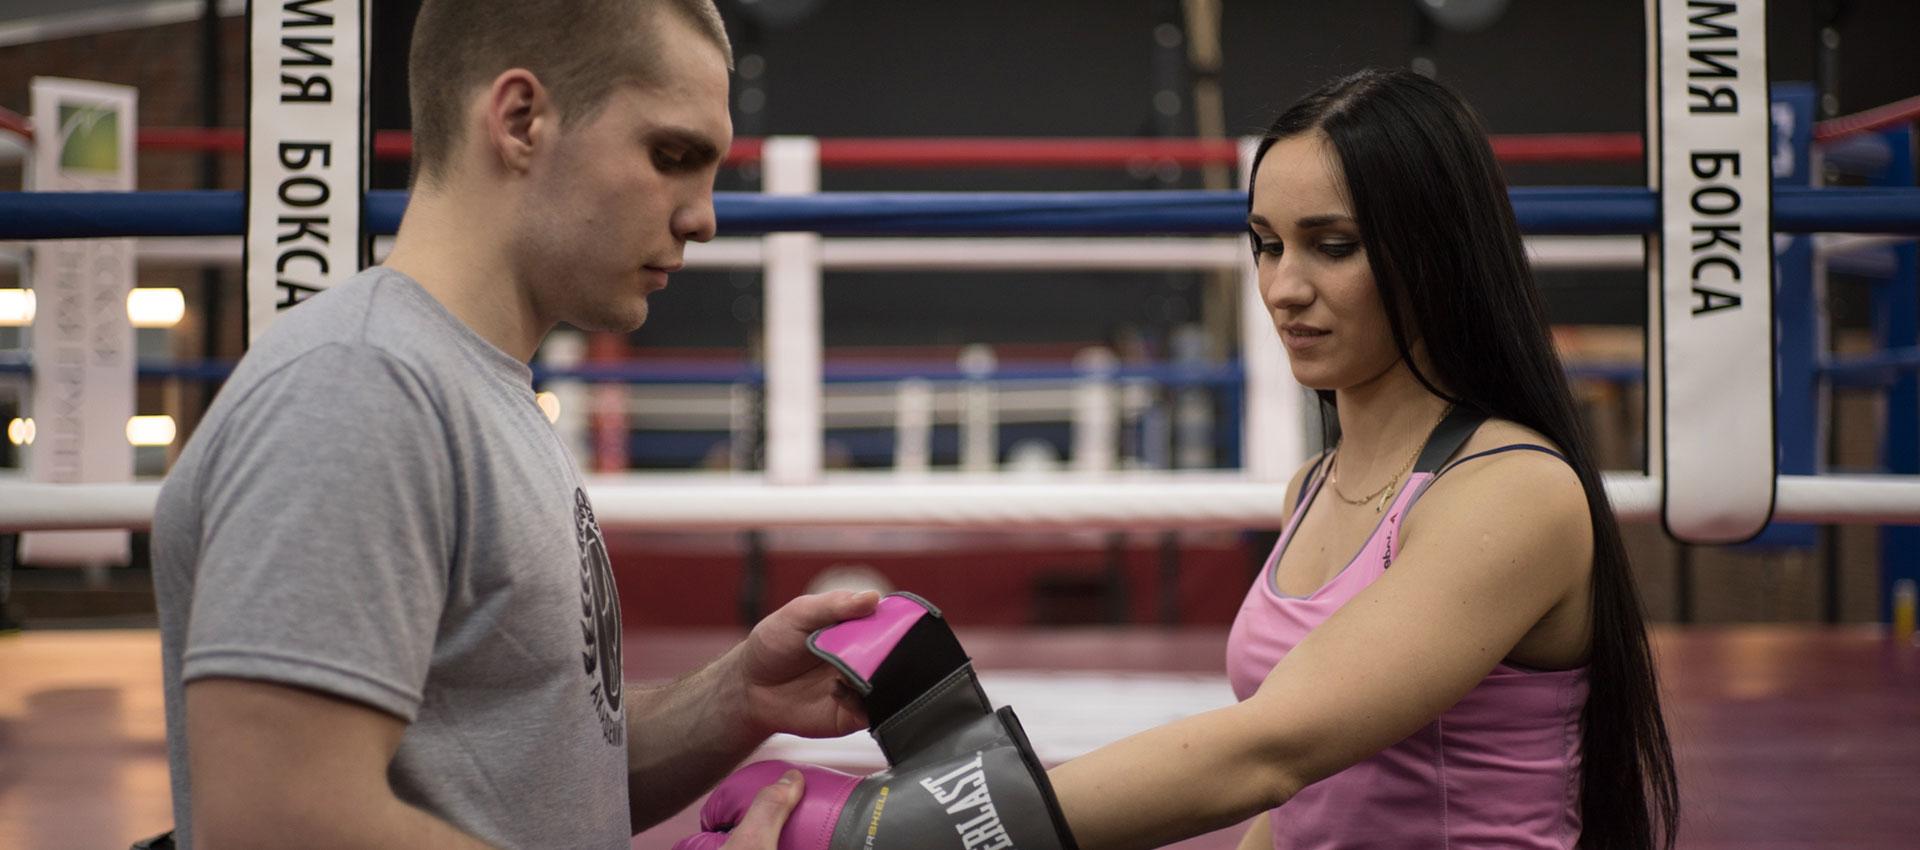 Клубы бокса в москве для женщин волейбольный клуб сахалин мужчины